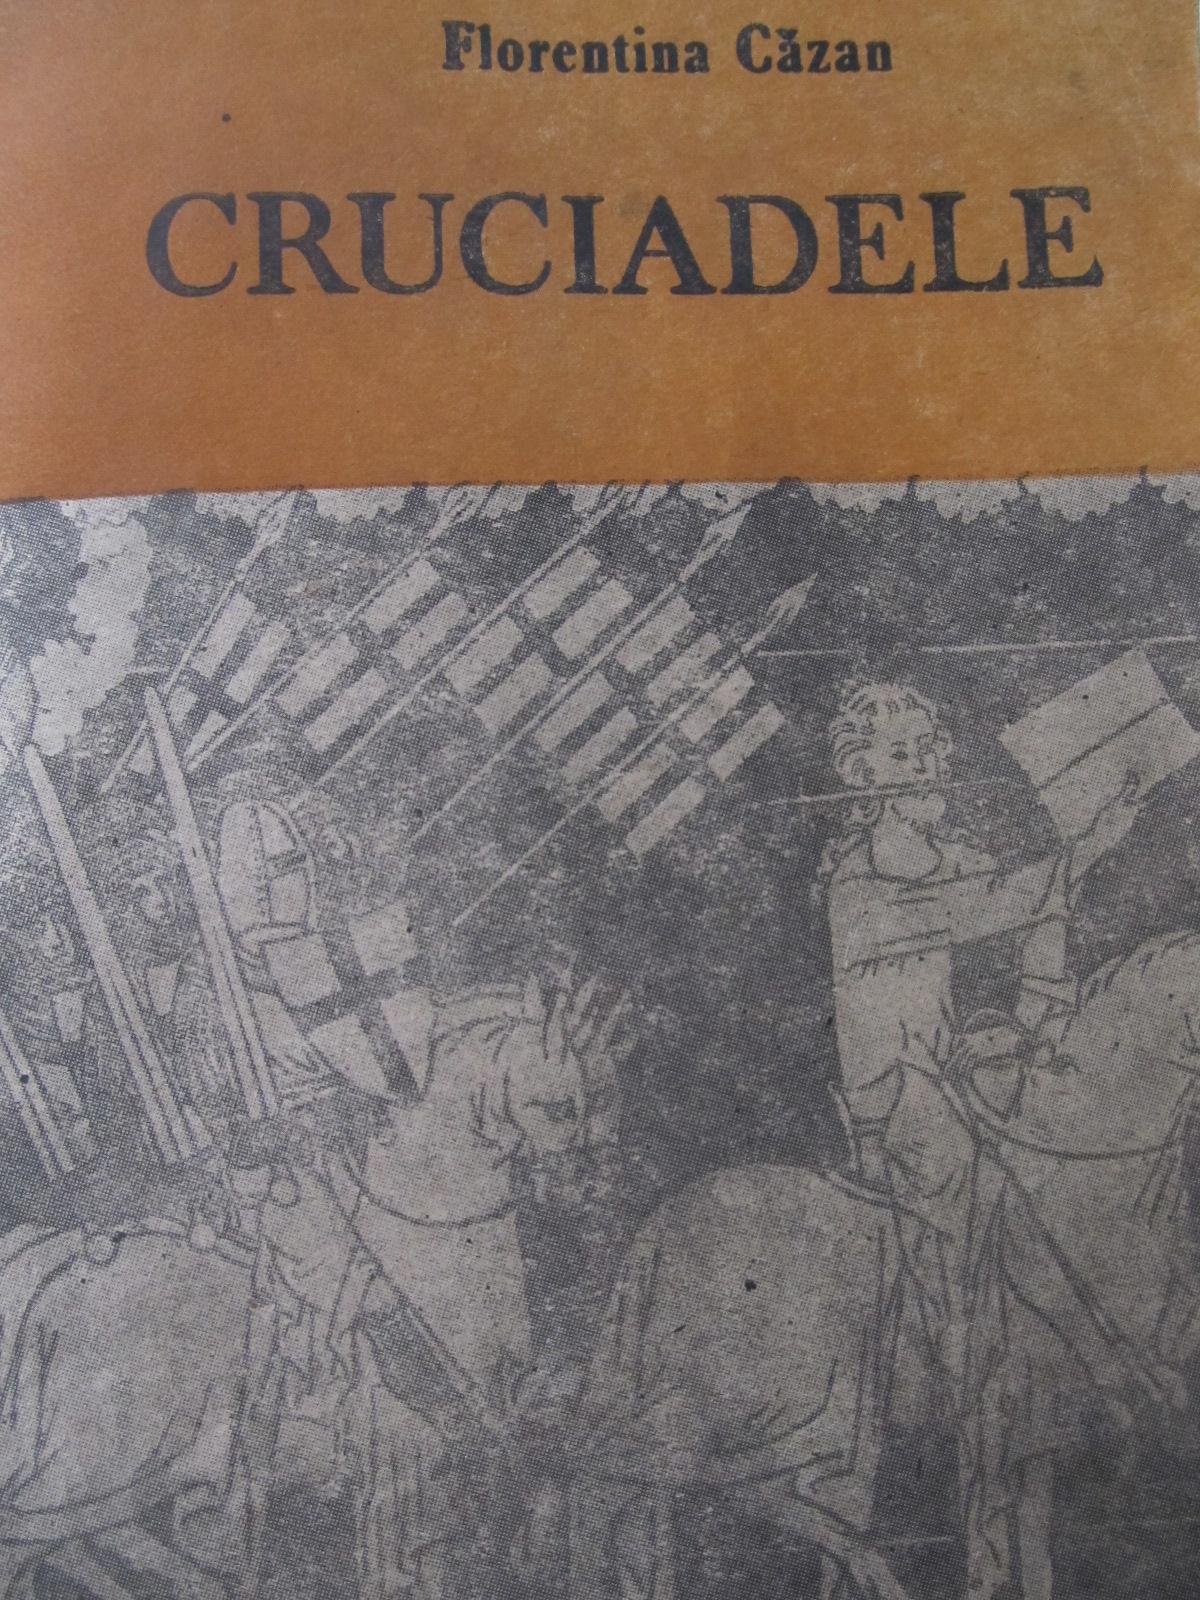 Cruciadele - Florentina Cazan | Detalii carte